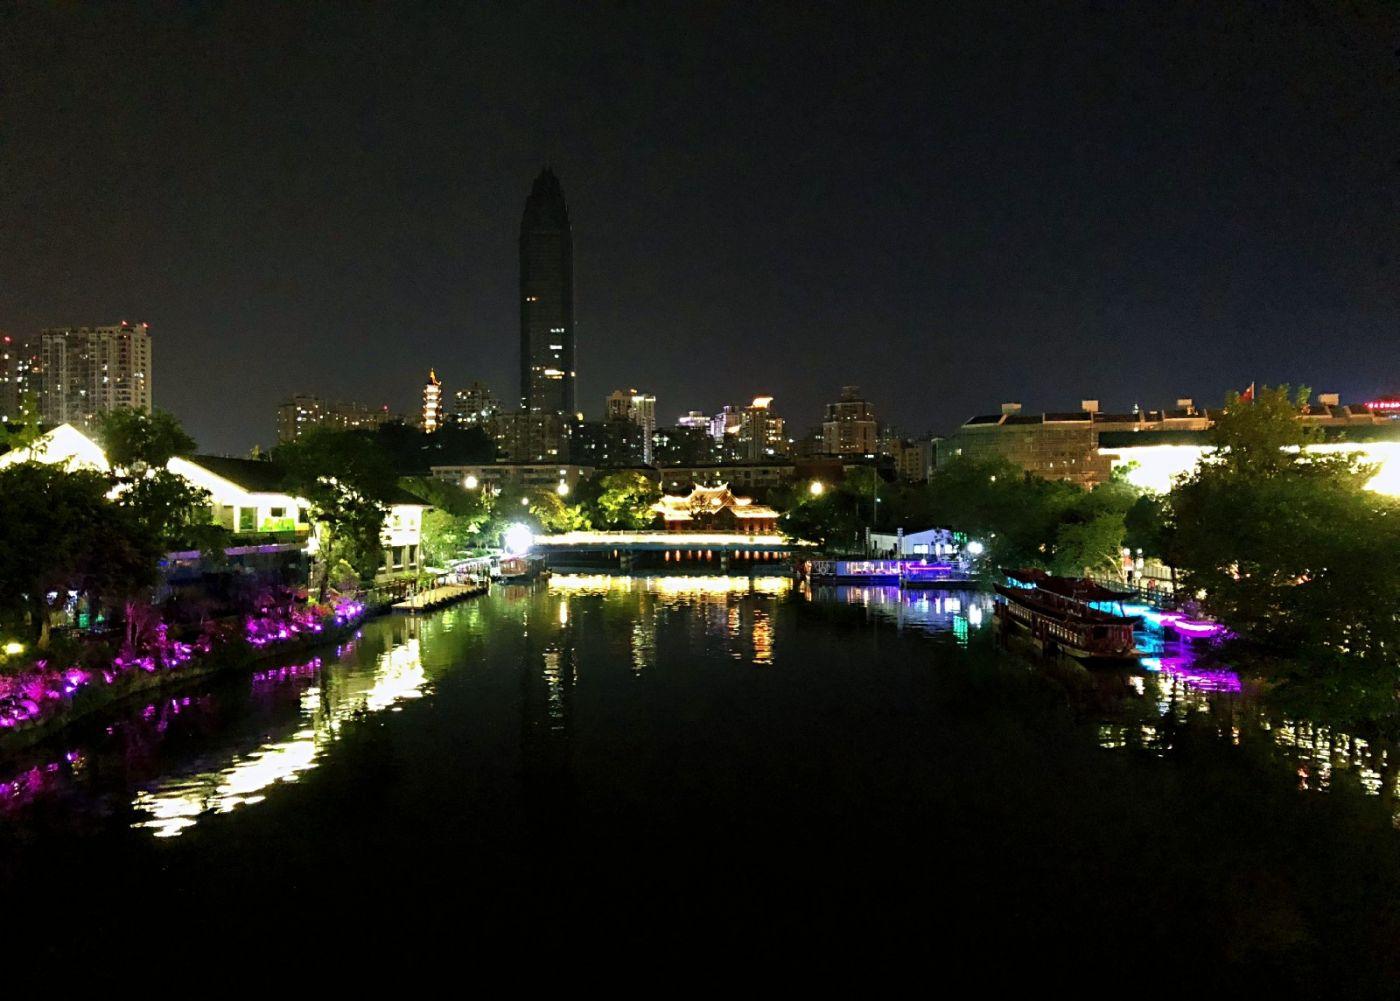 【田螺随拍】温州的印象南塘-手机版_图1-4